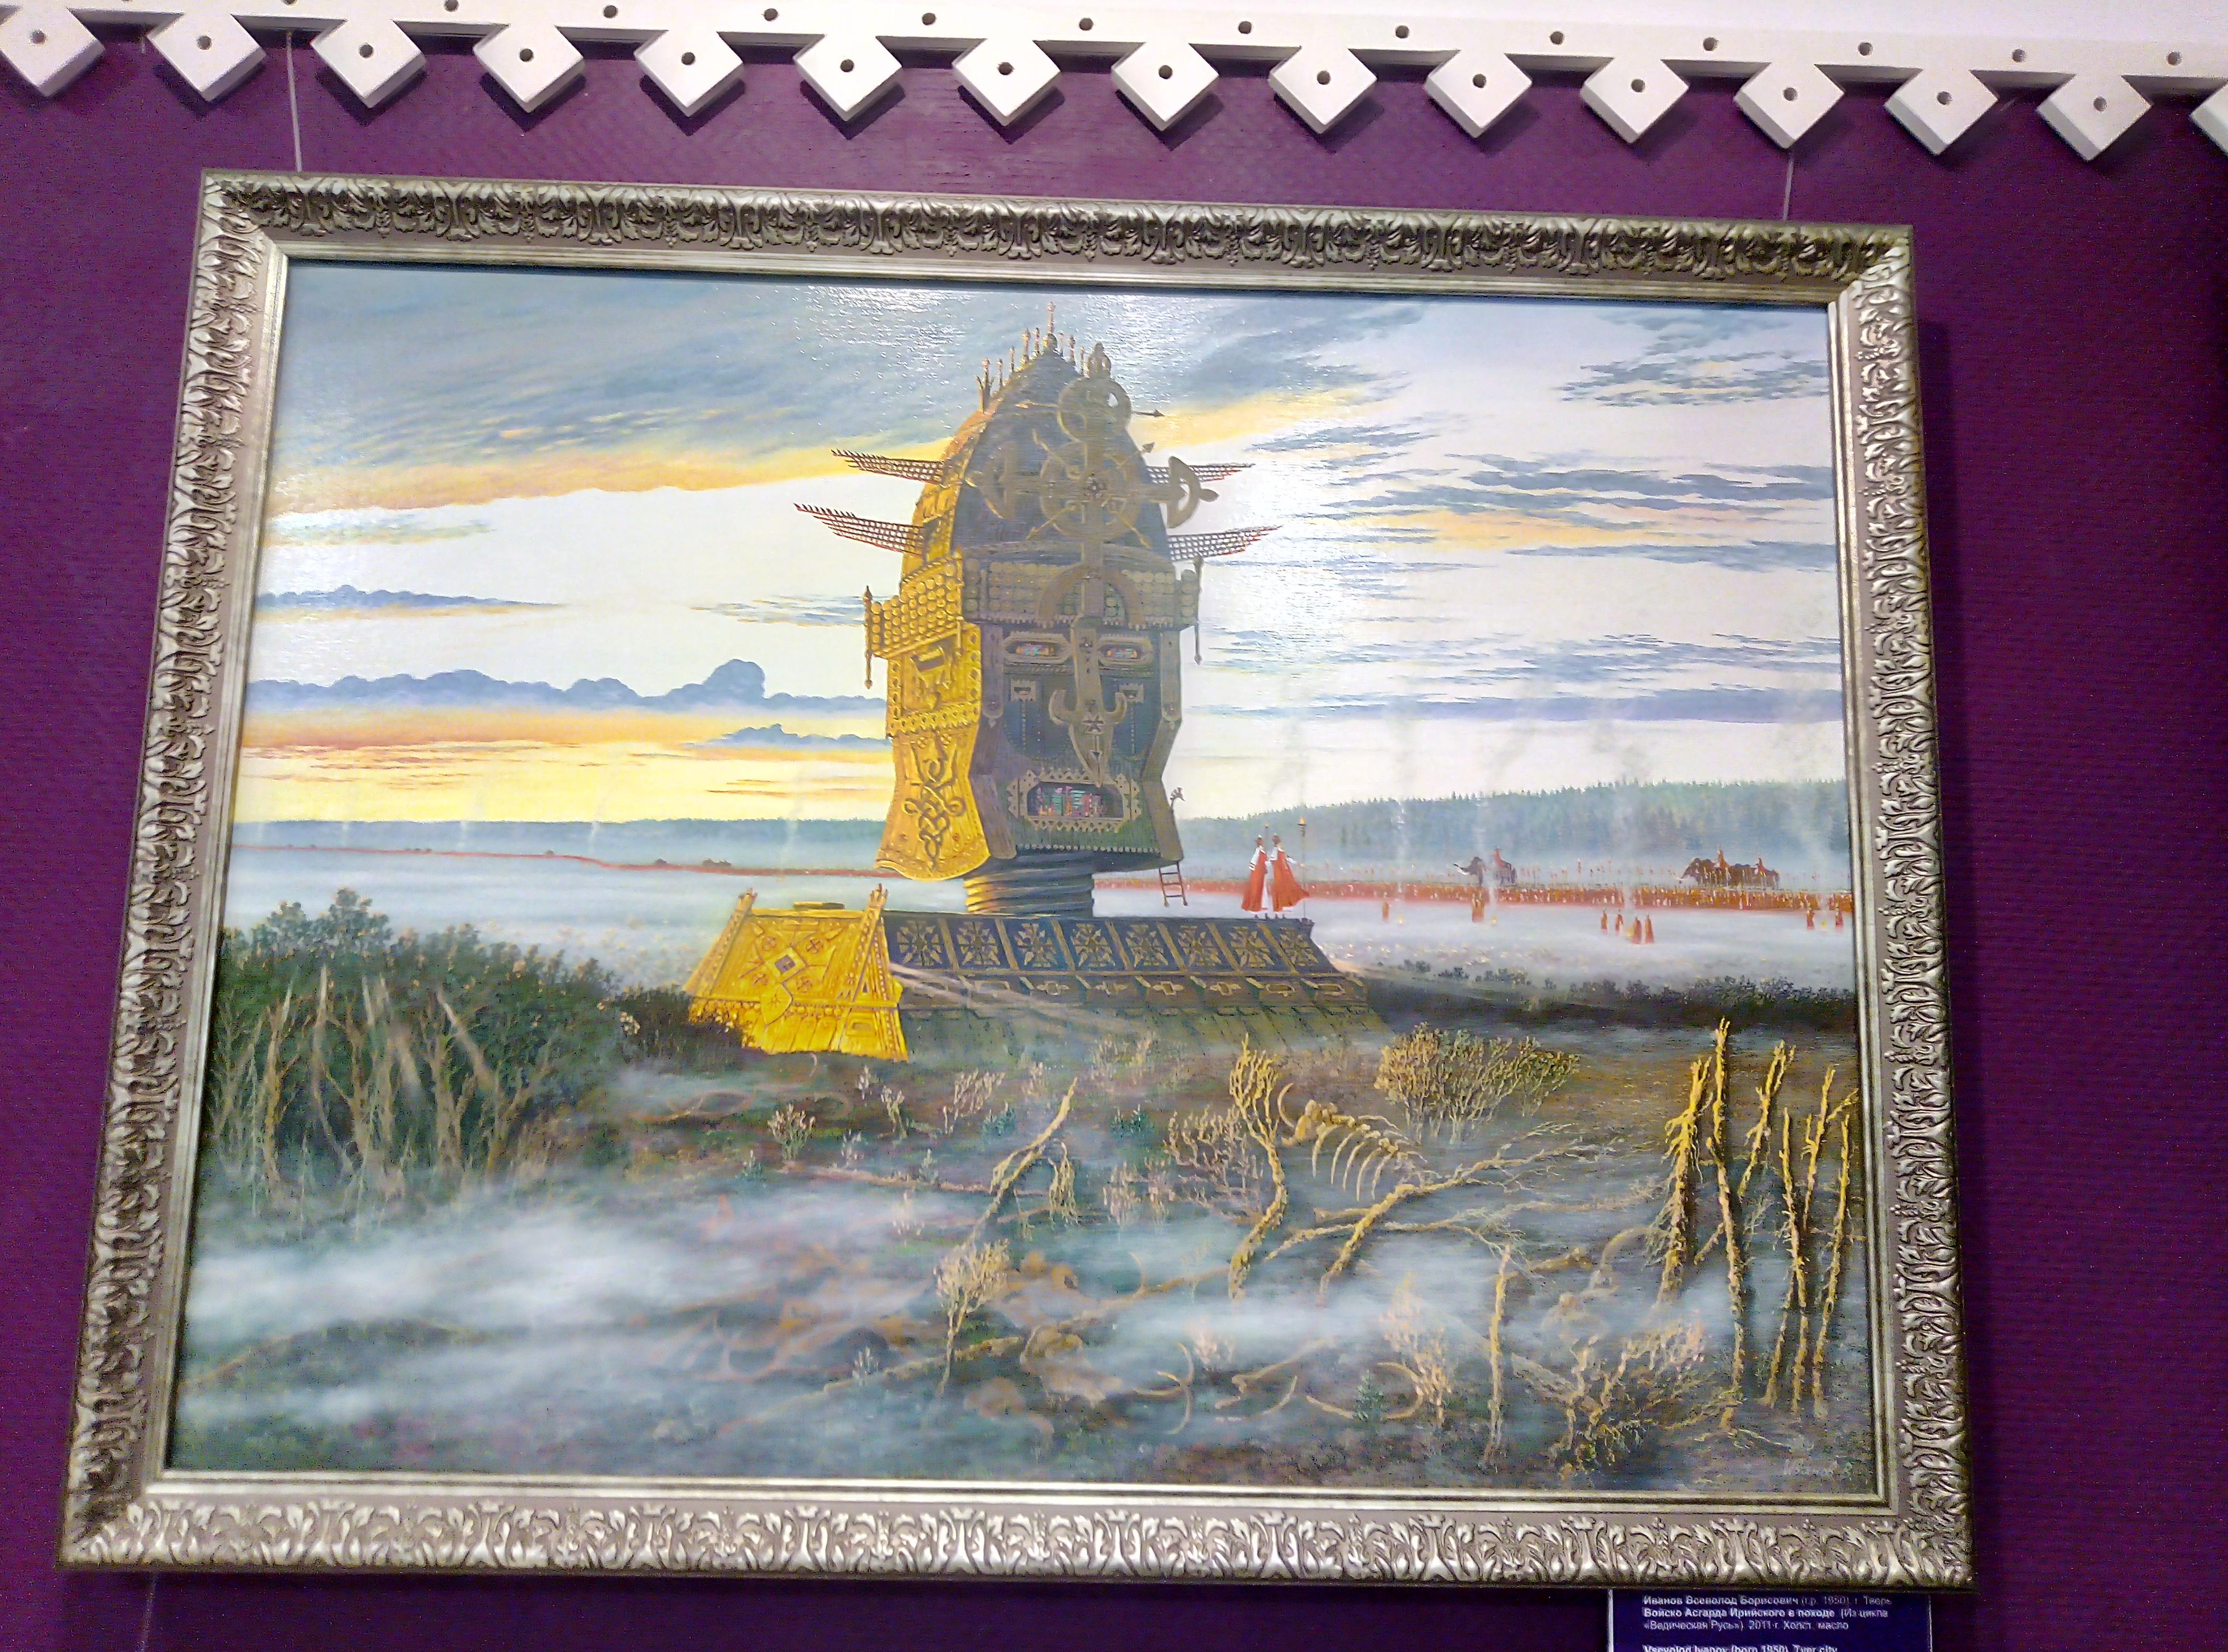 2019 06 28 11 01 40 - O museu da mitologia eslava em Tomsk